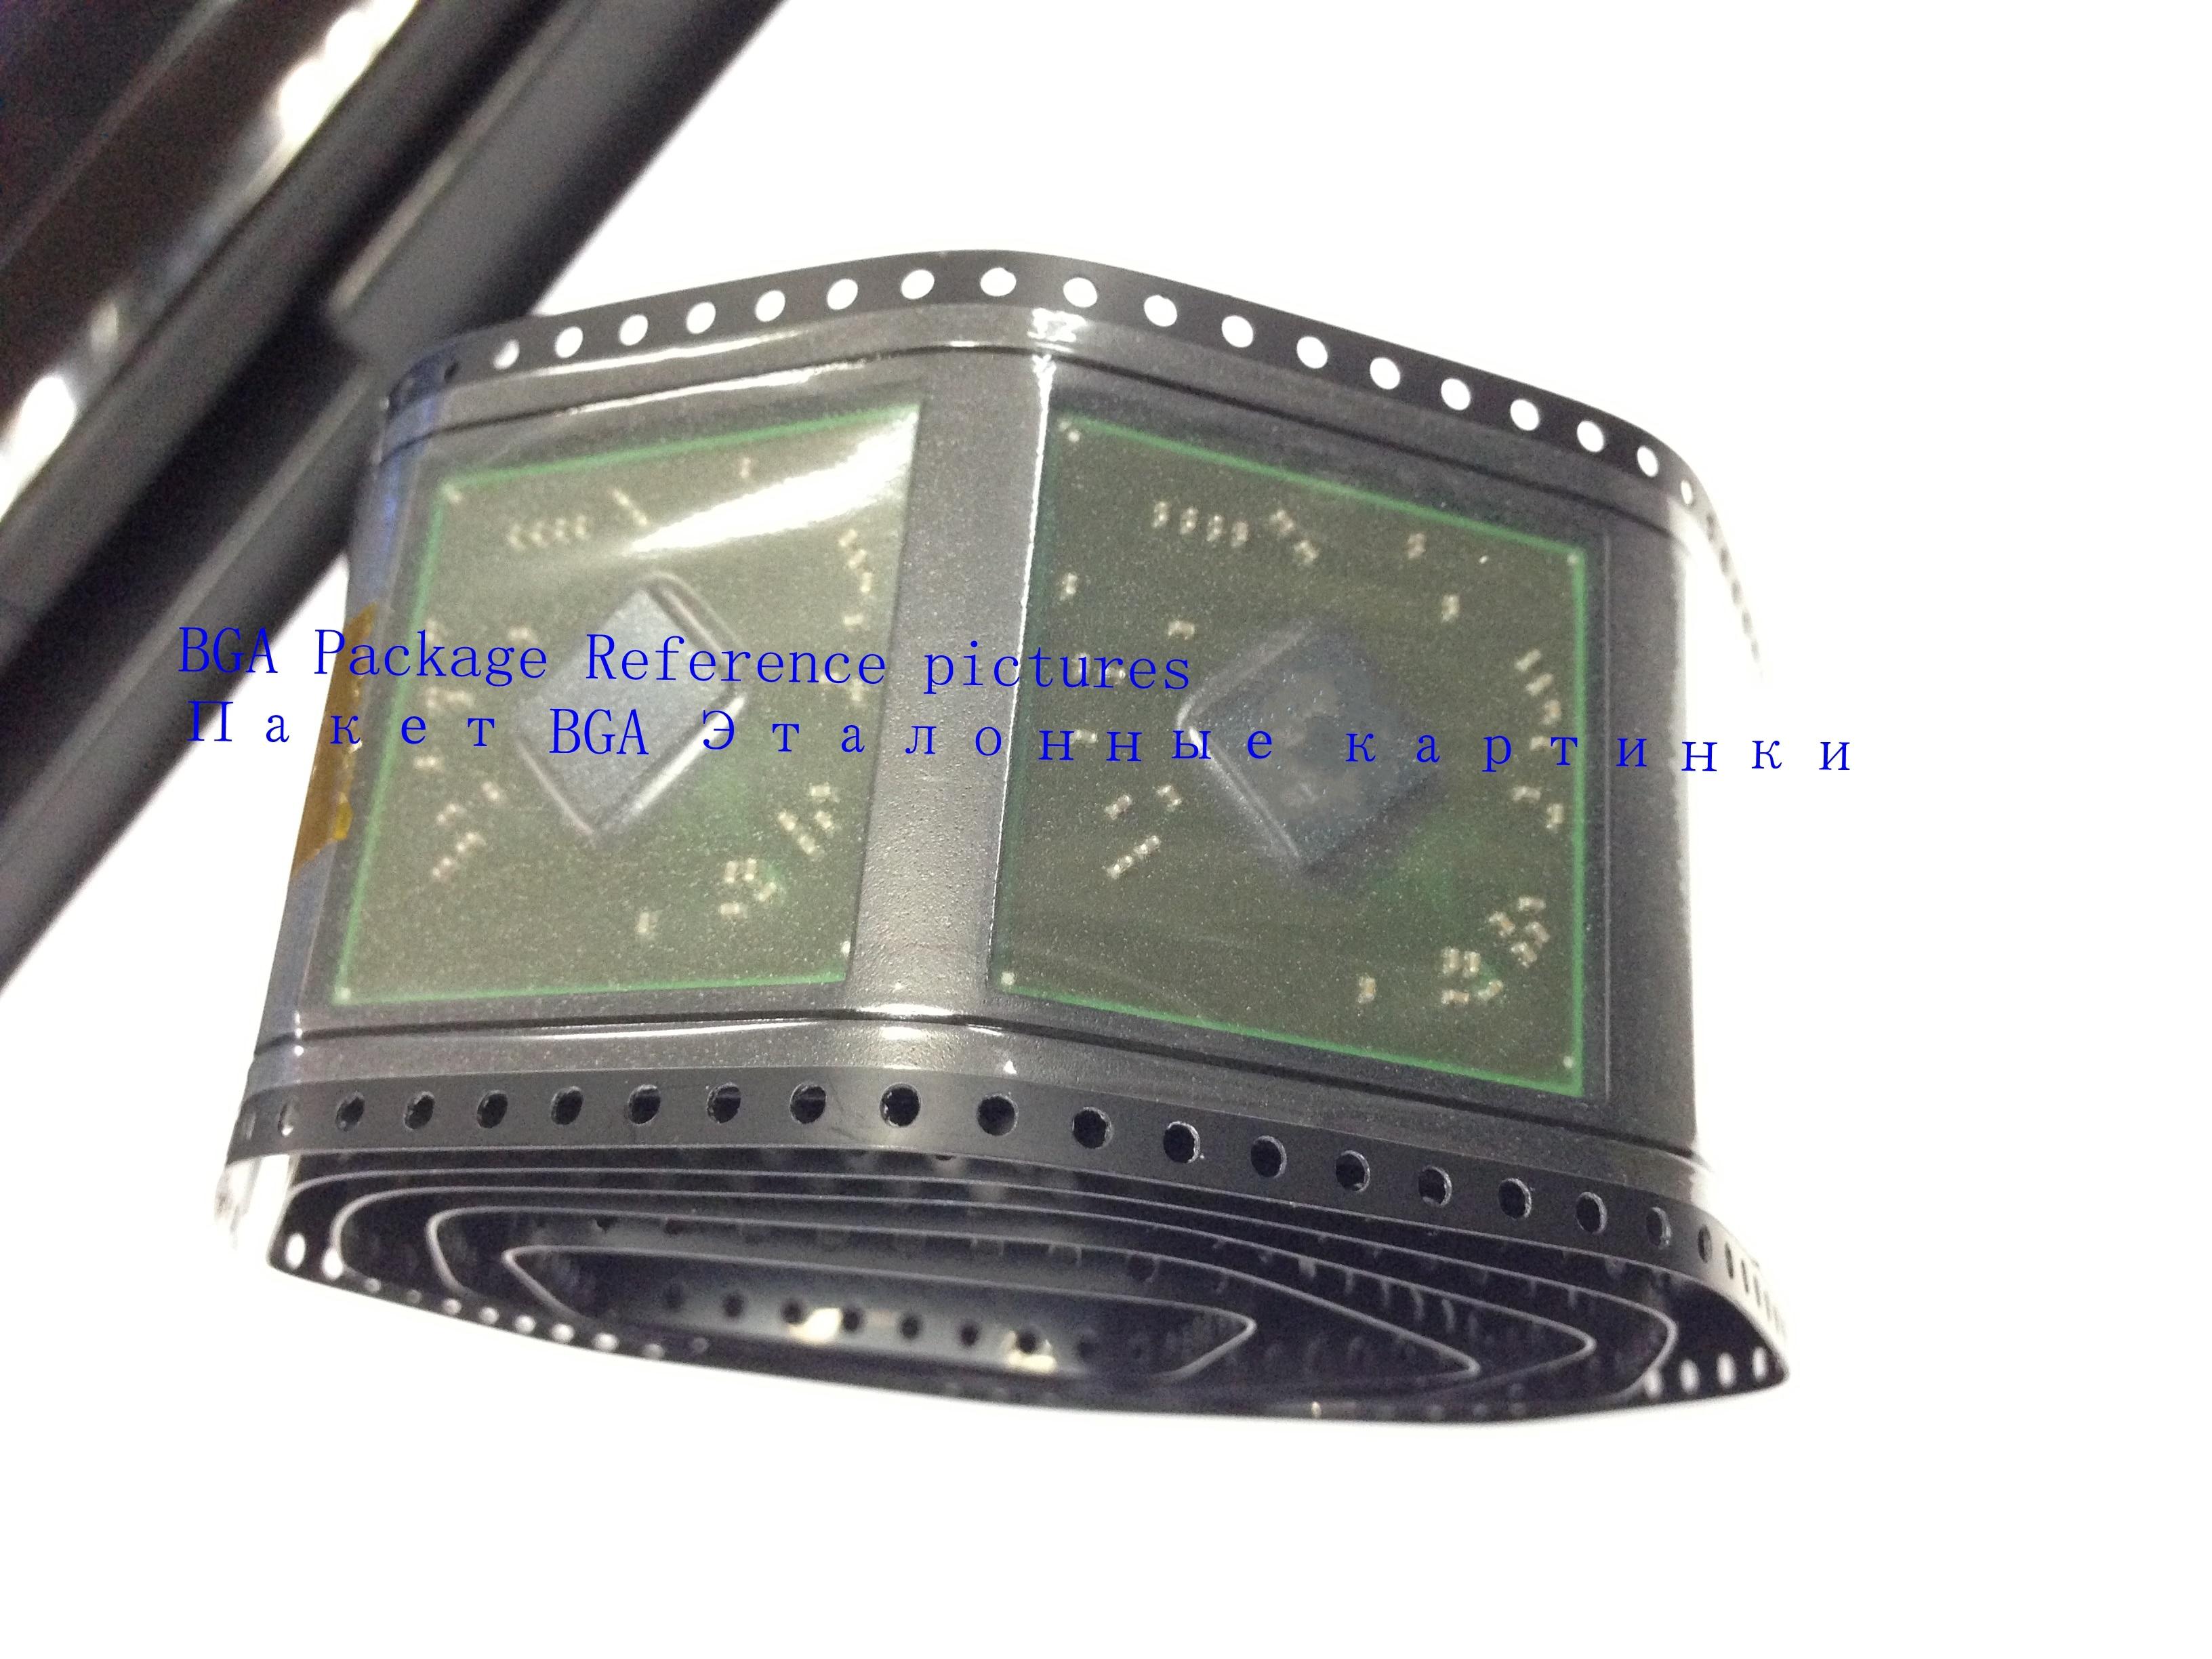 1pcs/lot 100% New GF110-375-A1 GF110 375 A1 BGA Chipset1pcs/lot 100% New GF110-375-A1 GF110 375 A1 BGA Chipset